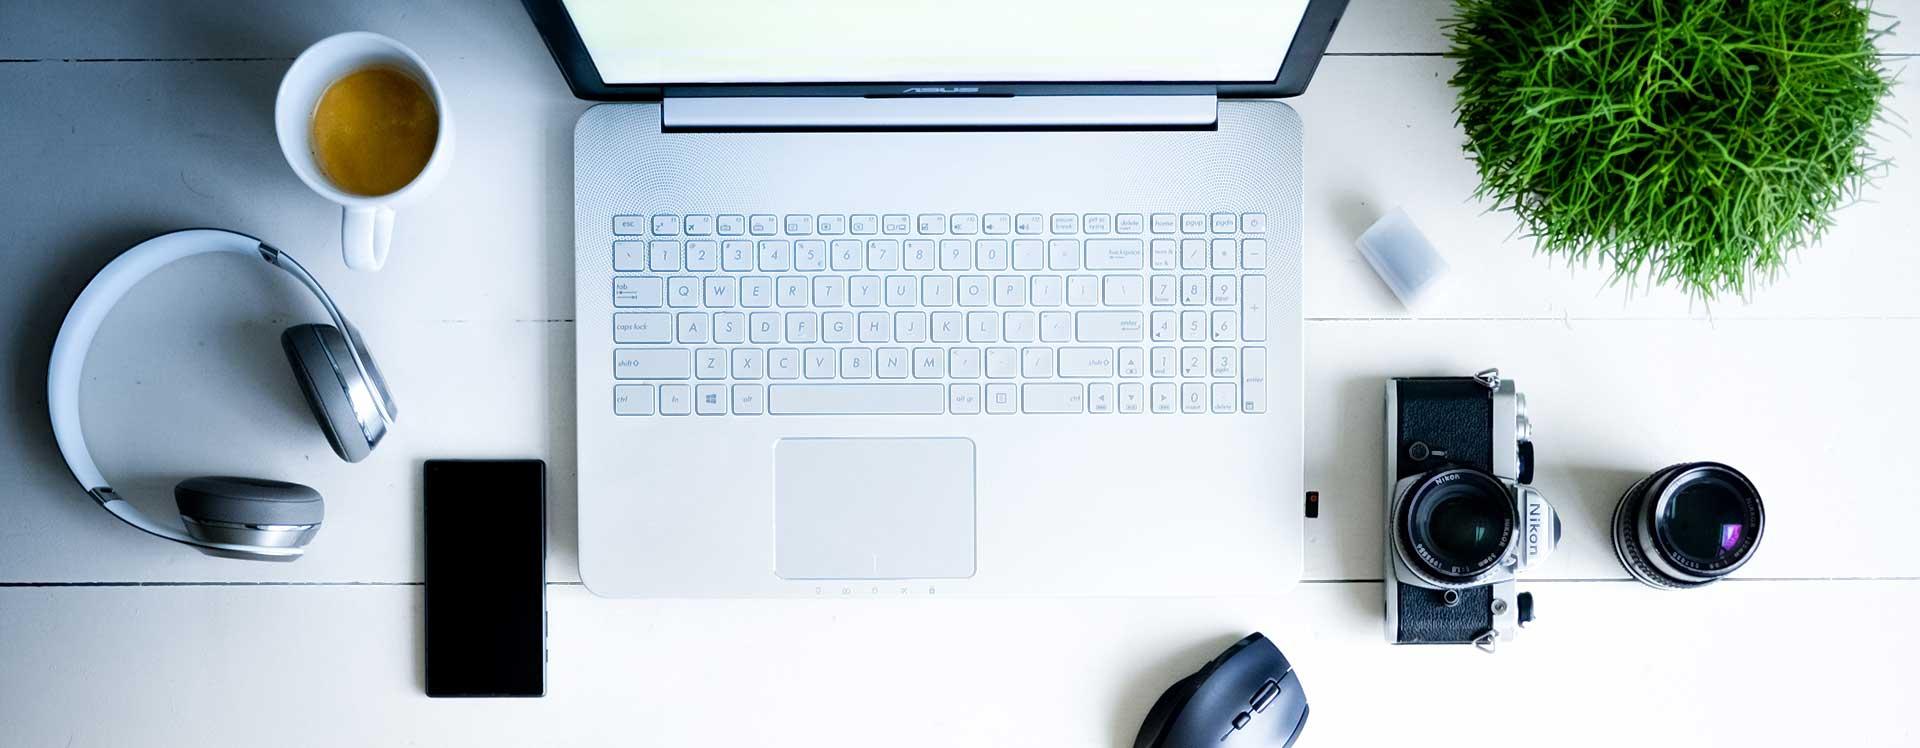 Formation de compétences de base en numérique pour demandeur d'emploi à Liège